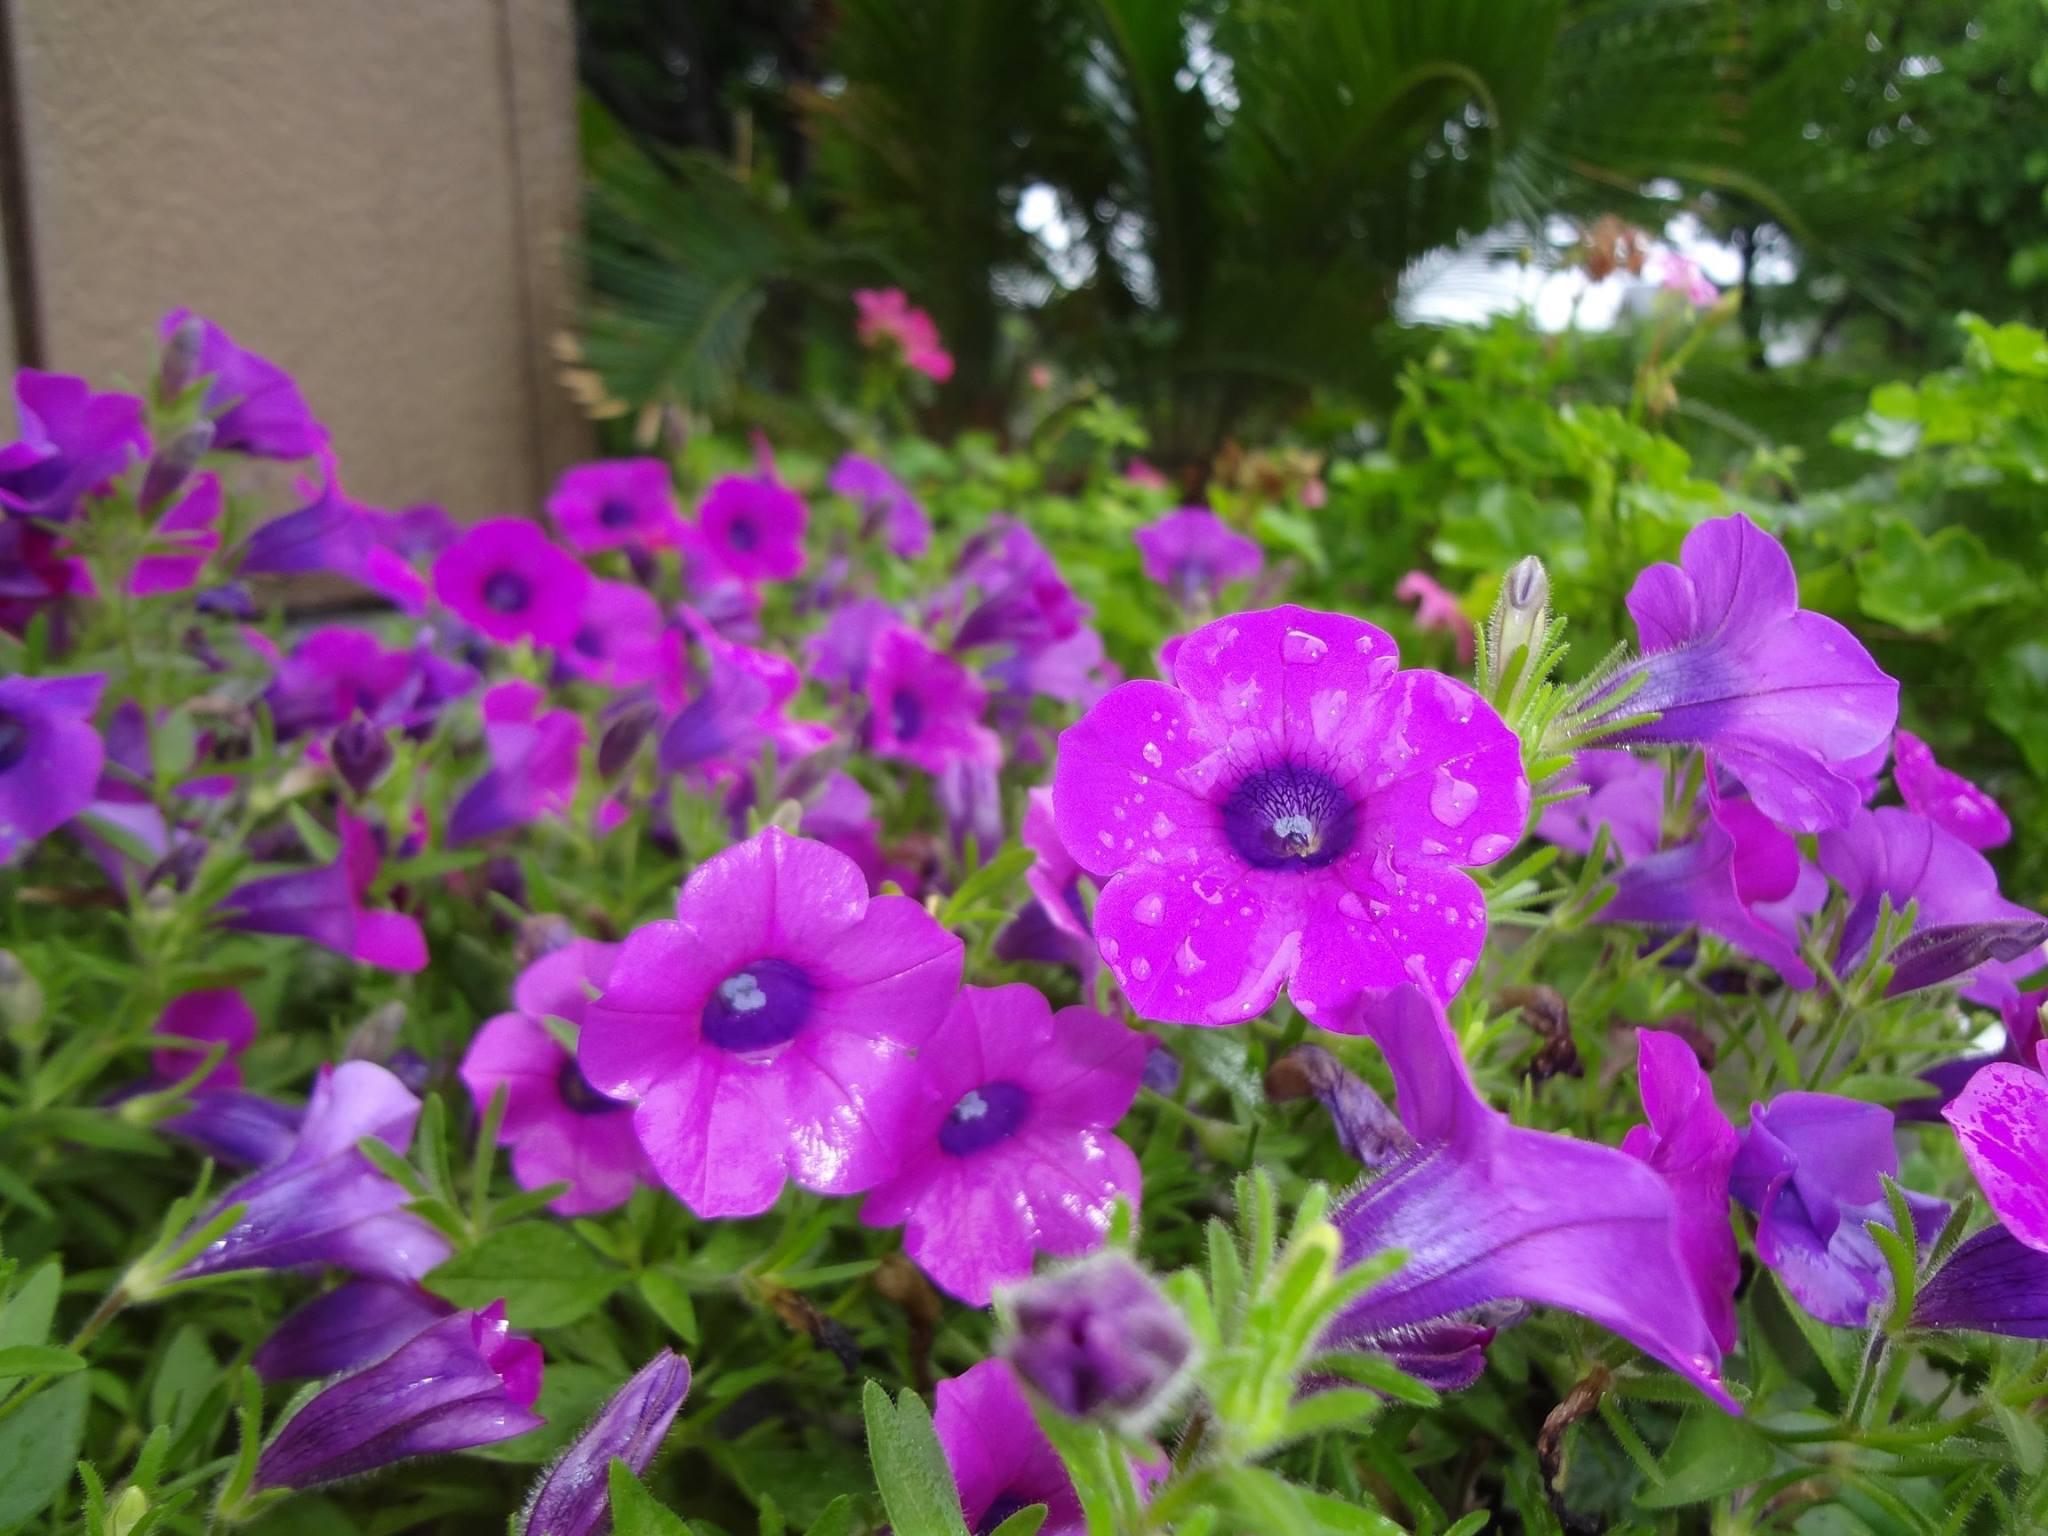 衝羽根朝顔(つくばねあさがお)ペチュニアの花です。